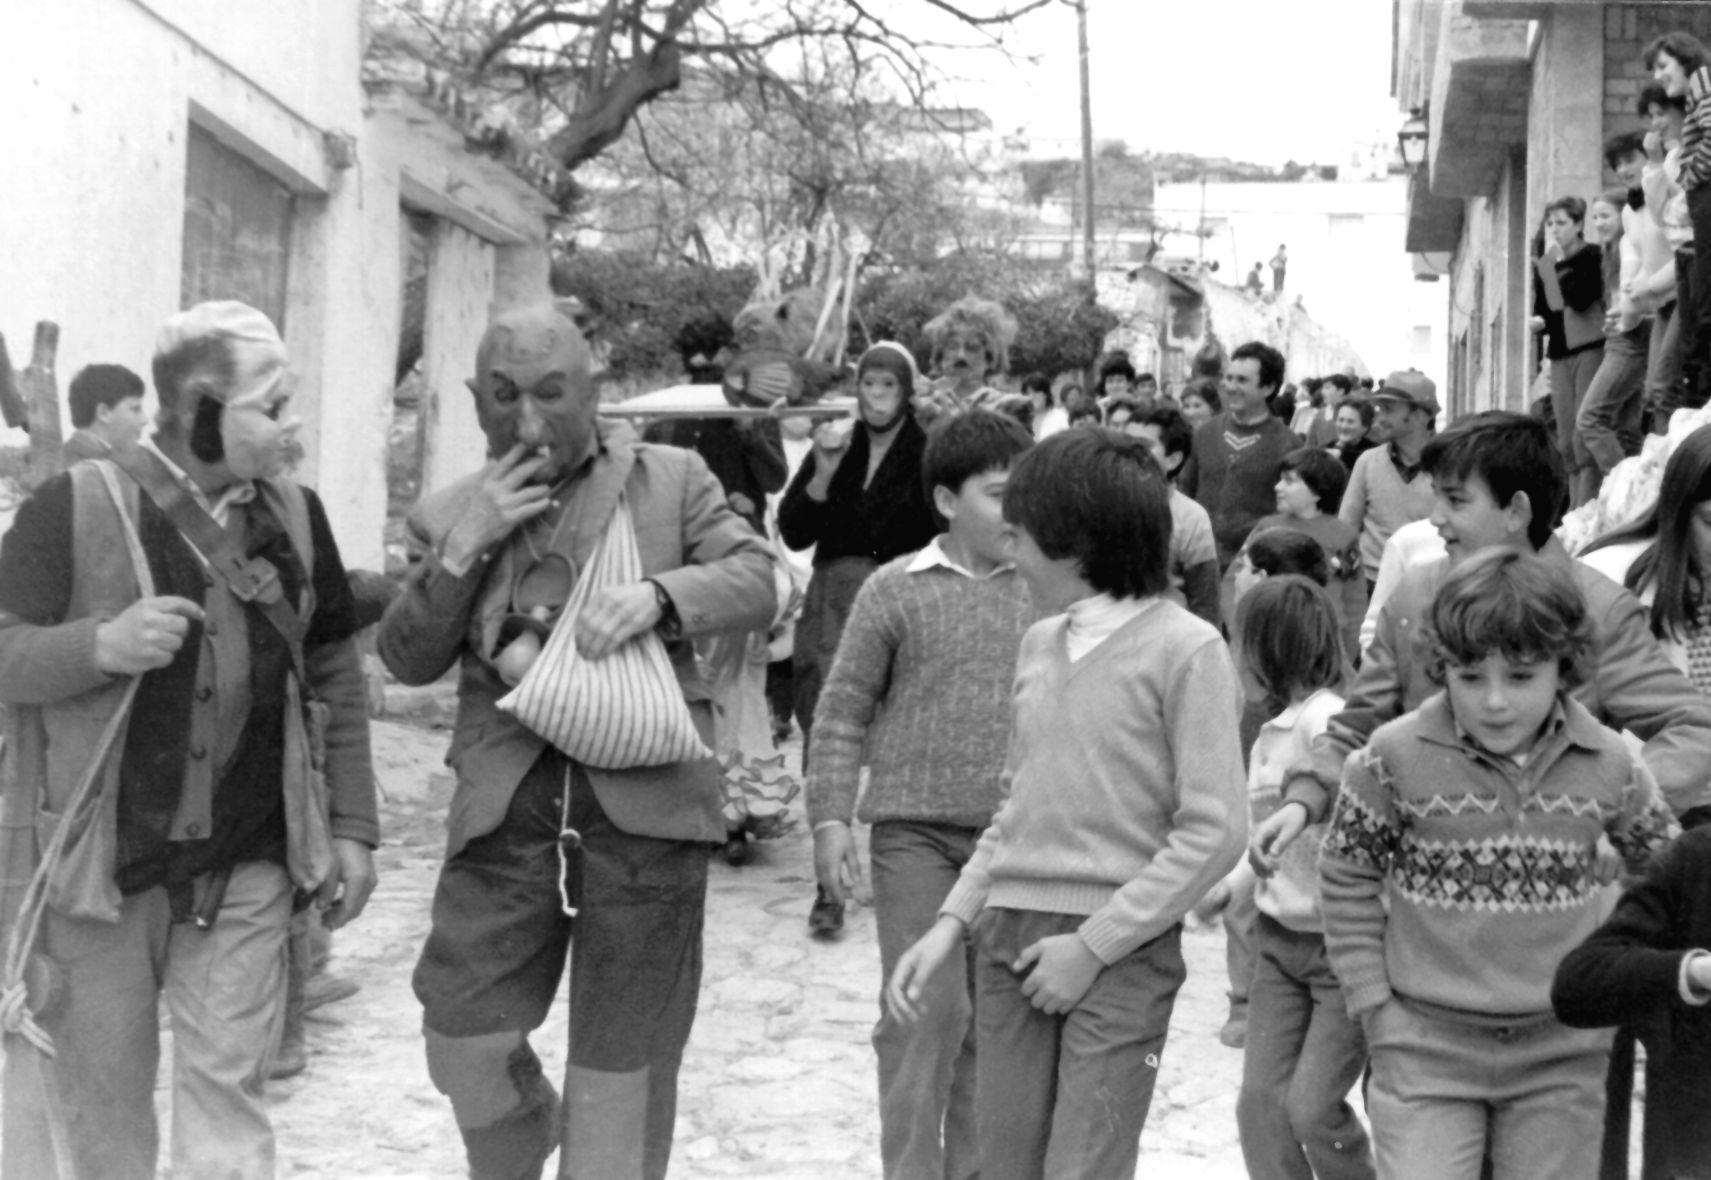 Entierro de la zorra_Fotografía extraída del libro editado por el Ayuntamiento 'Imagen de un pueblo'